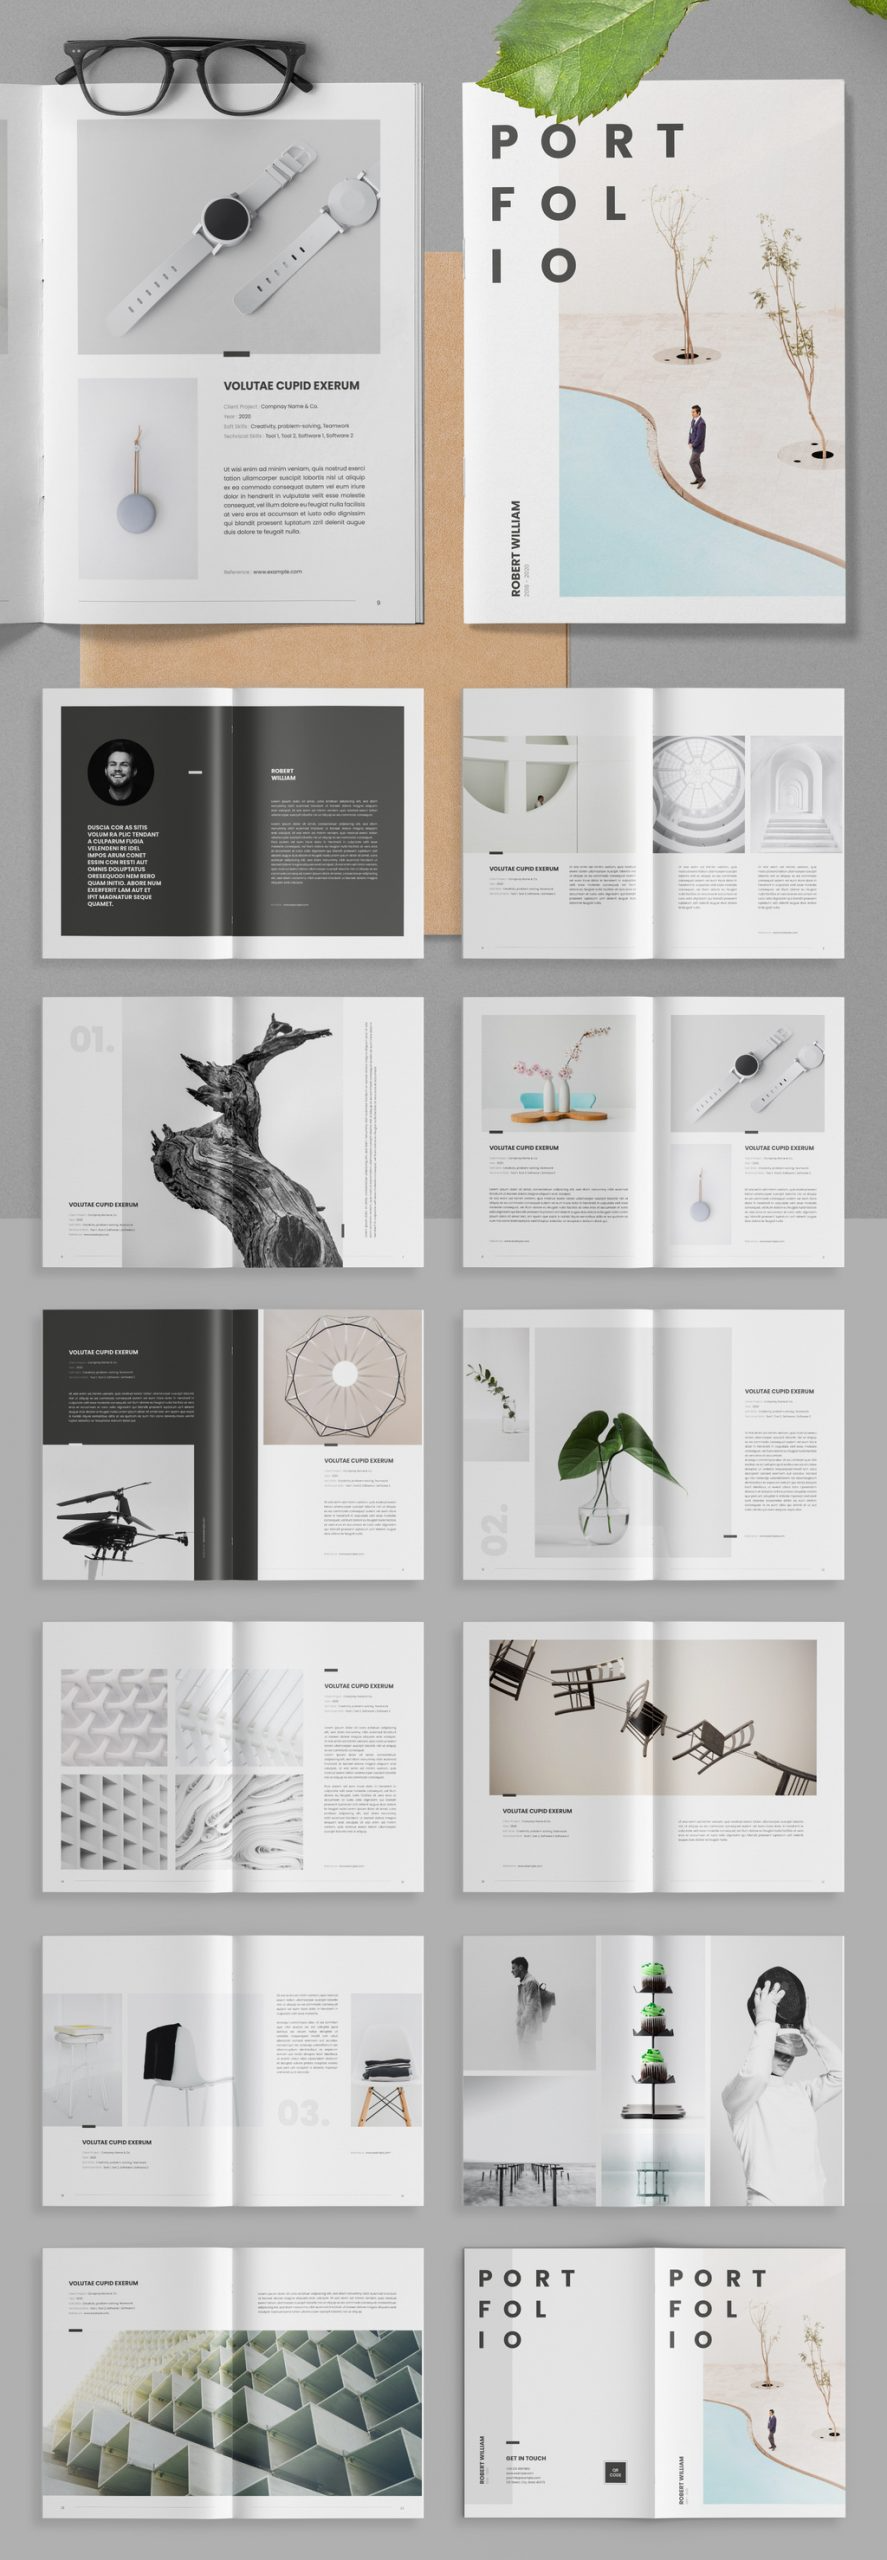 Portfolio Adobe InDesign Template